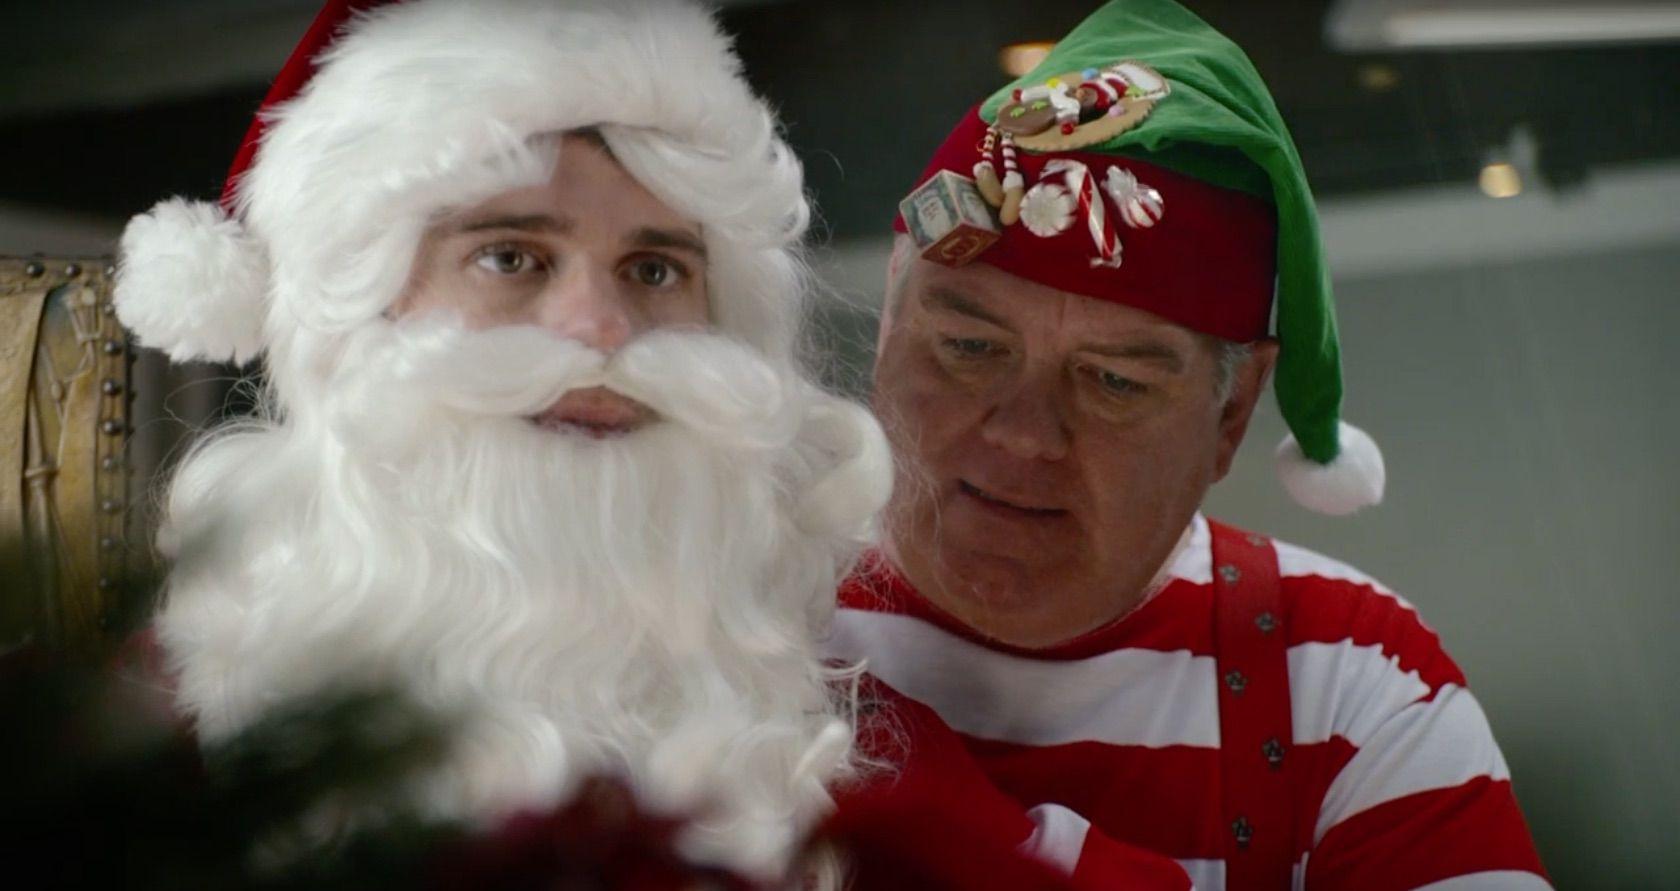 A still image of My Santa.